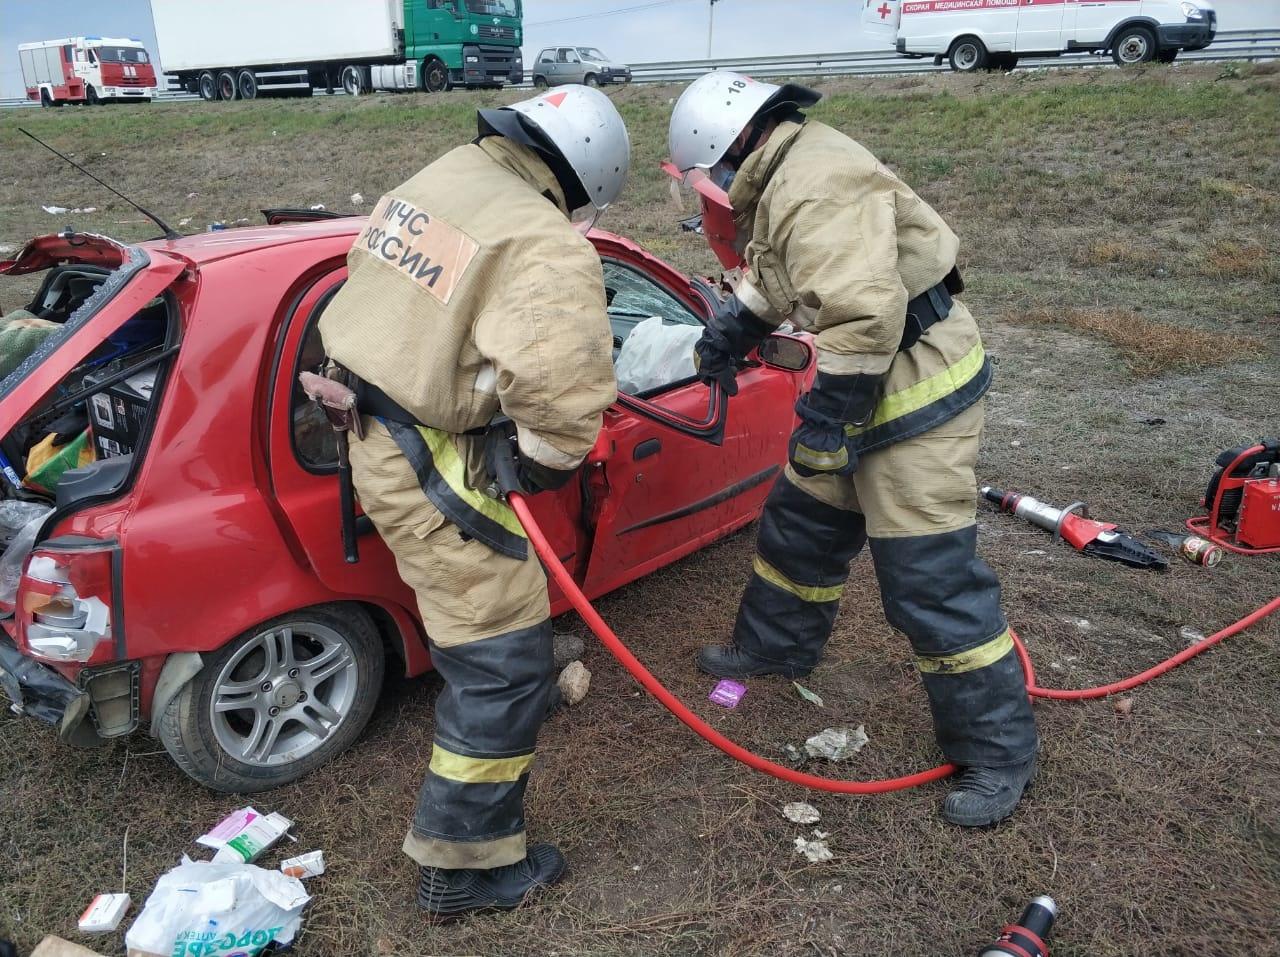 В Дубровском районе для вызволения пострадавшего в ДТП разрезали автомобиль